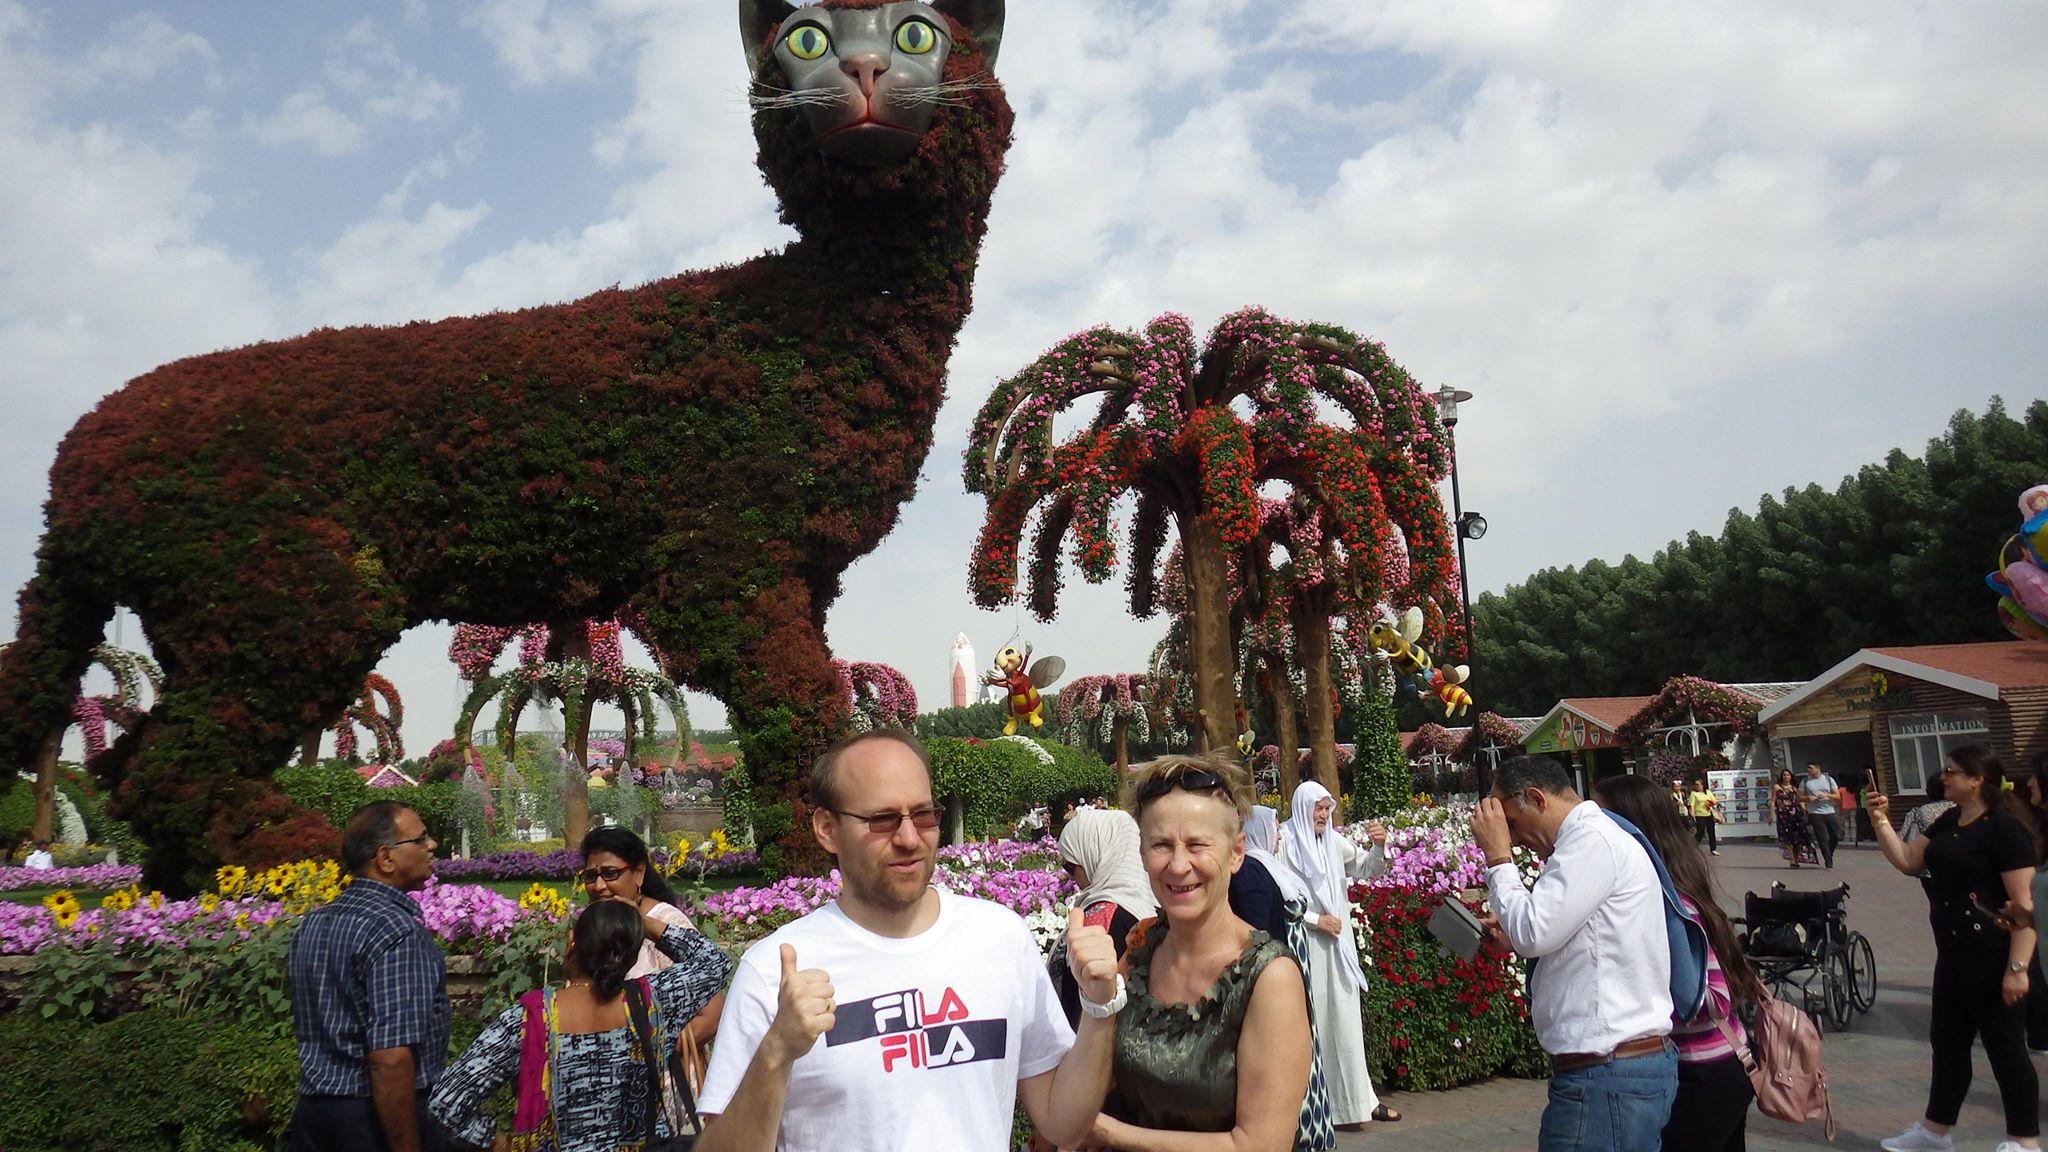 Dubaj (11.) Miracle Garden, avagy a nagy macska árnyékában